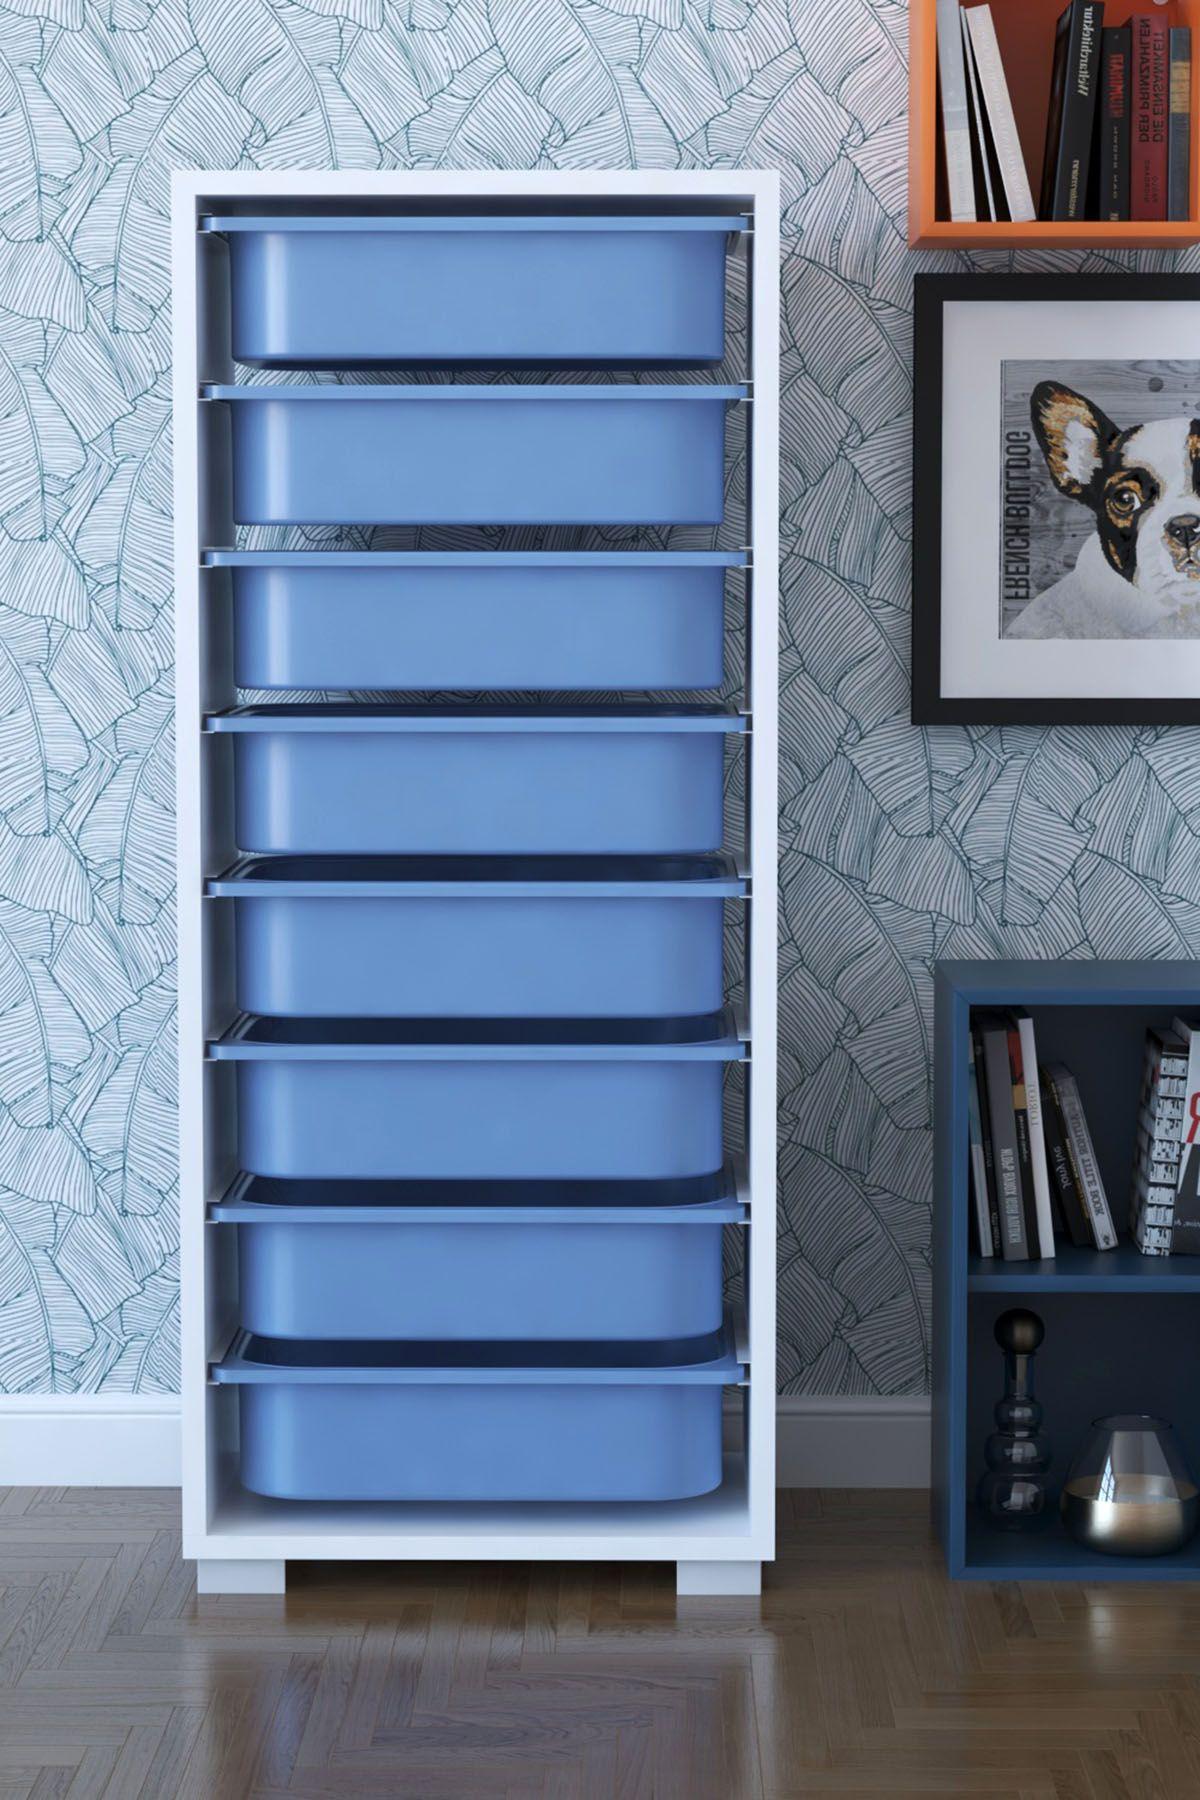 Dulap cu 8 sertare, Steli Homs, 45 x 30 x 109,5 cm alb-albastru, palppe